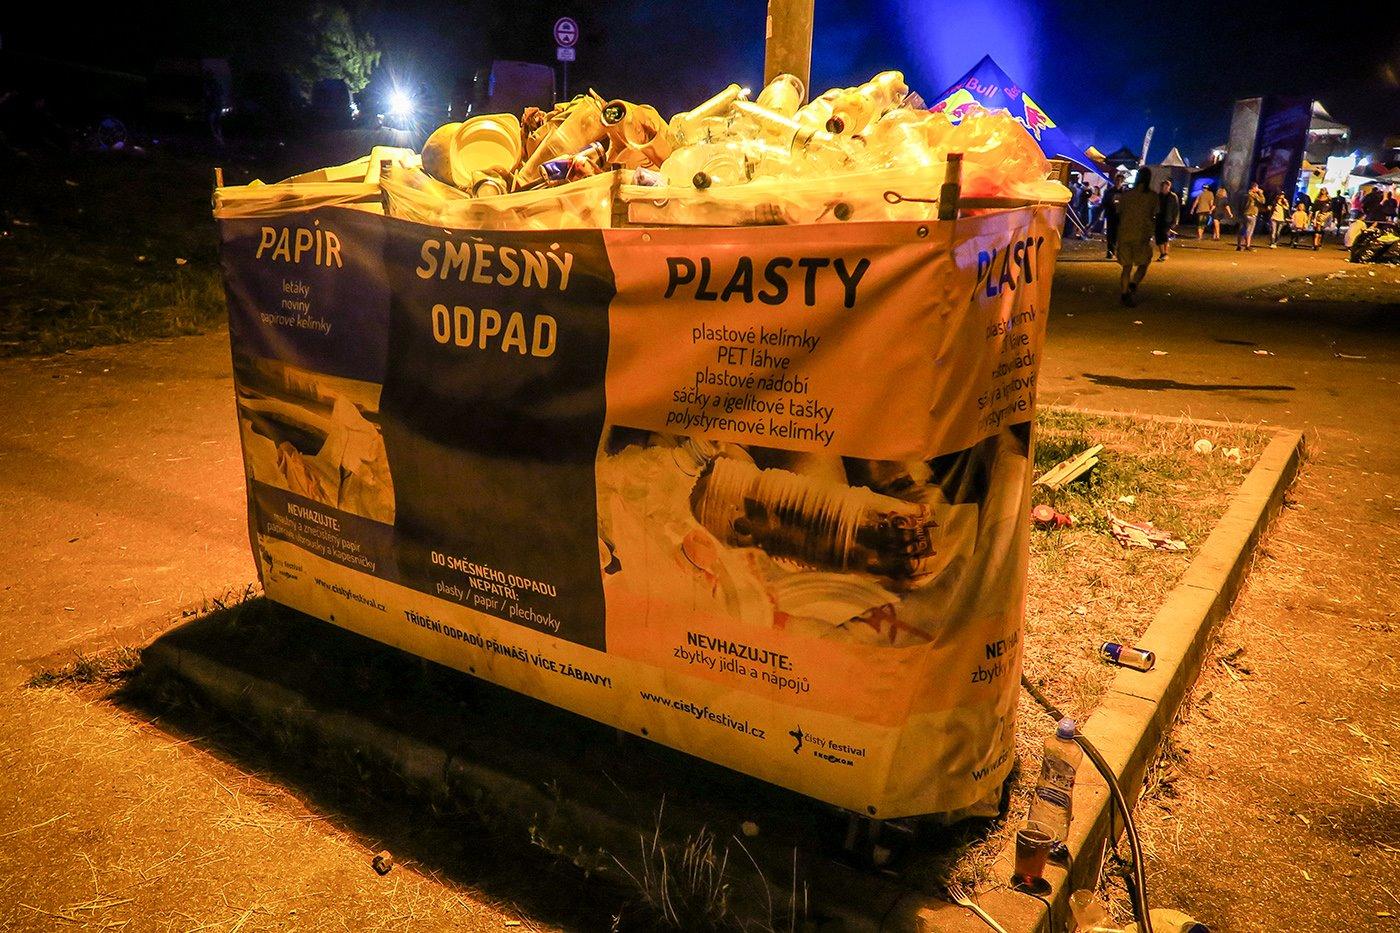 rec_stage_plasty_smesny_odpad_papir_kos